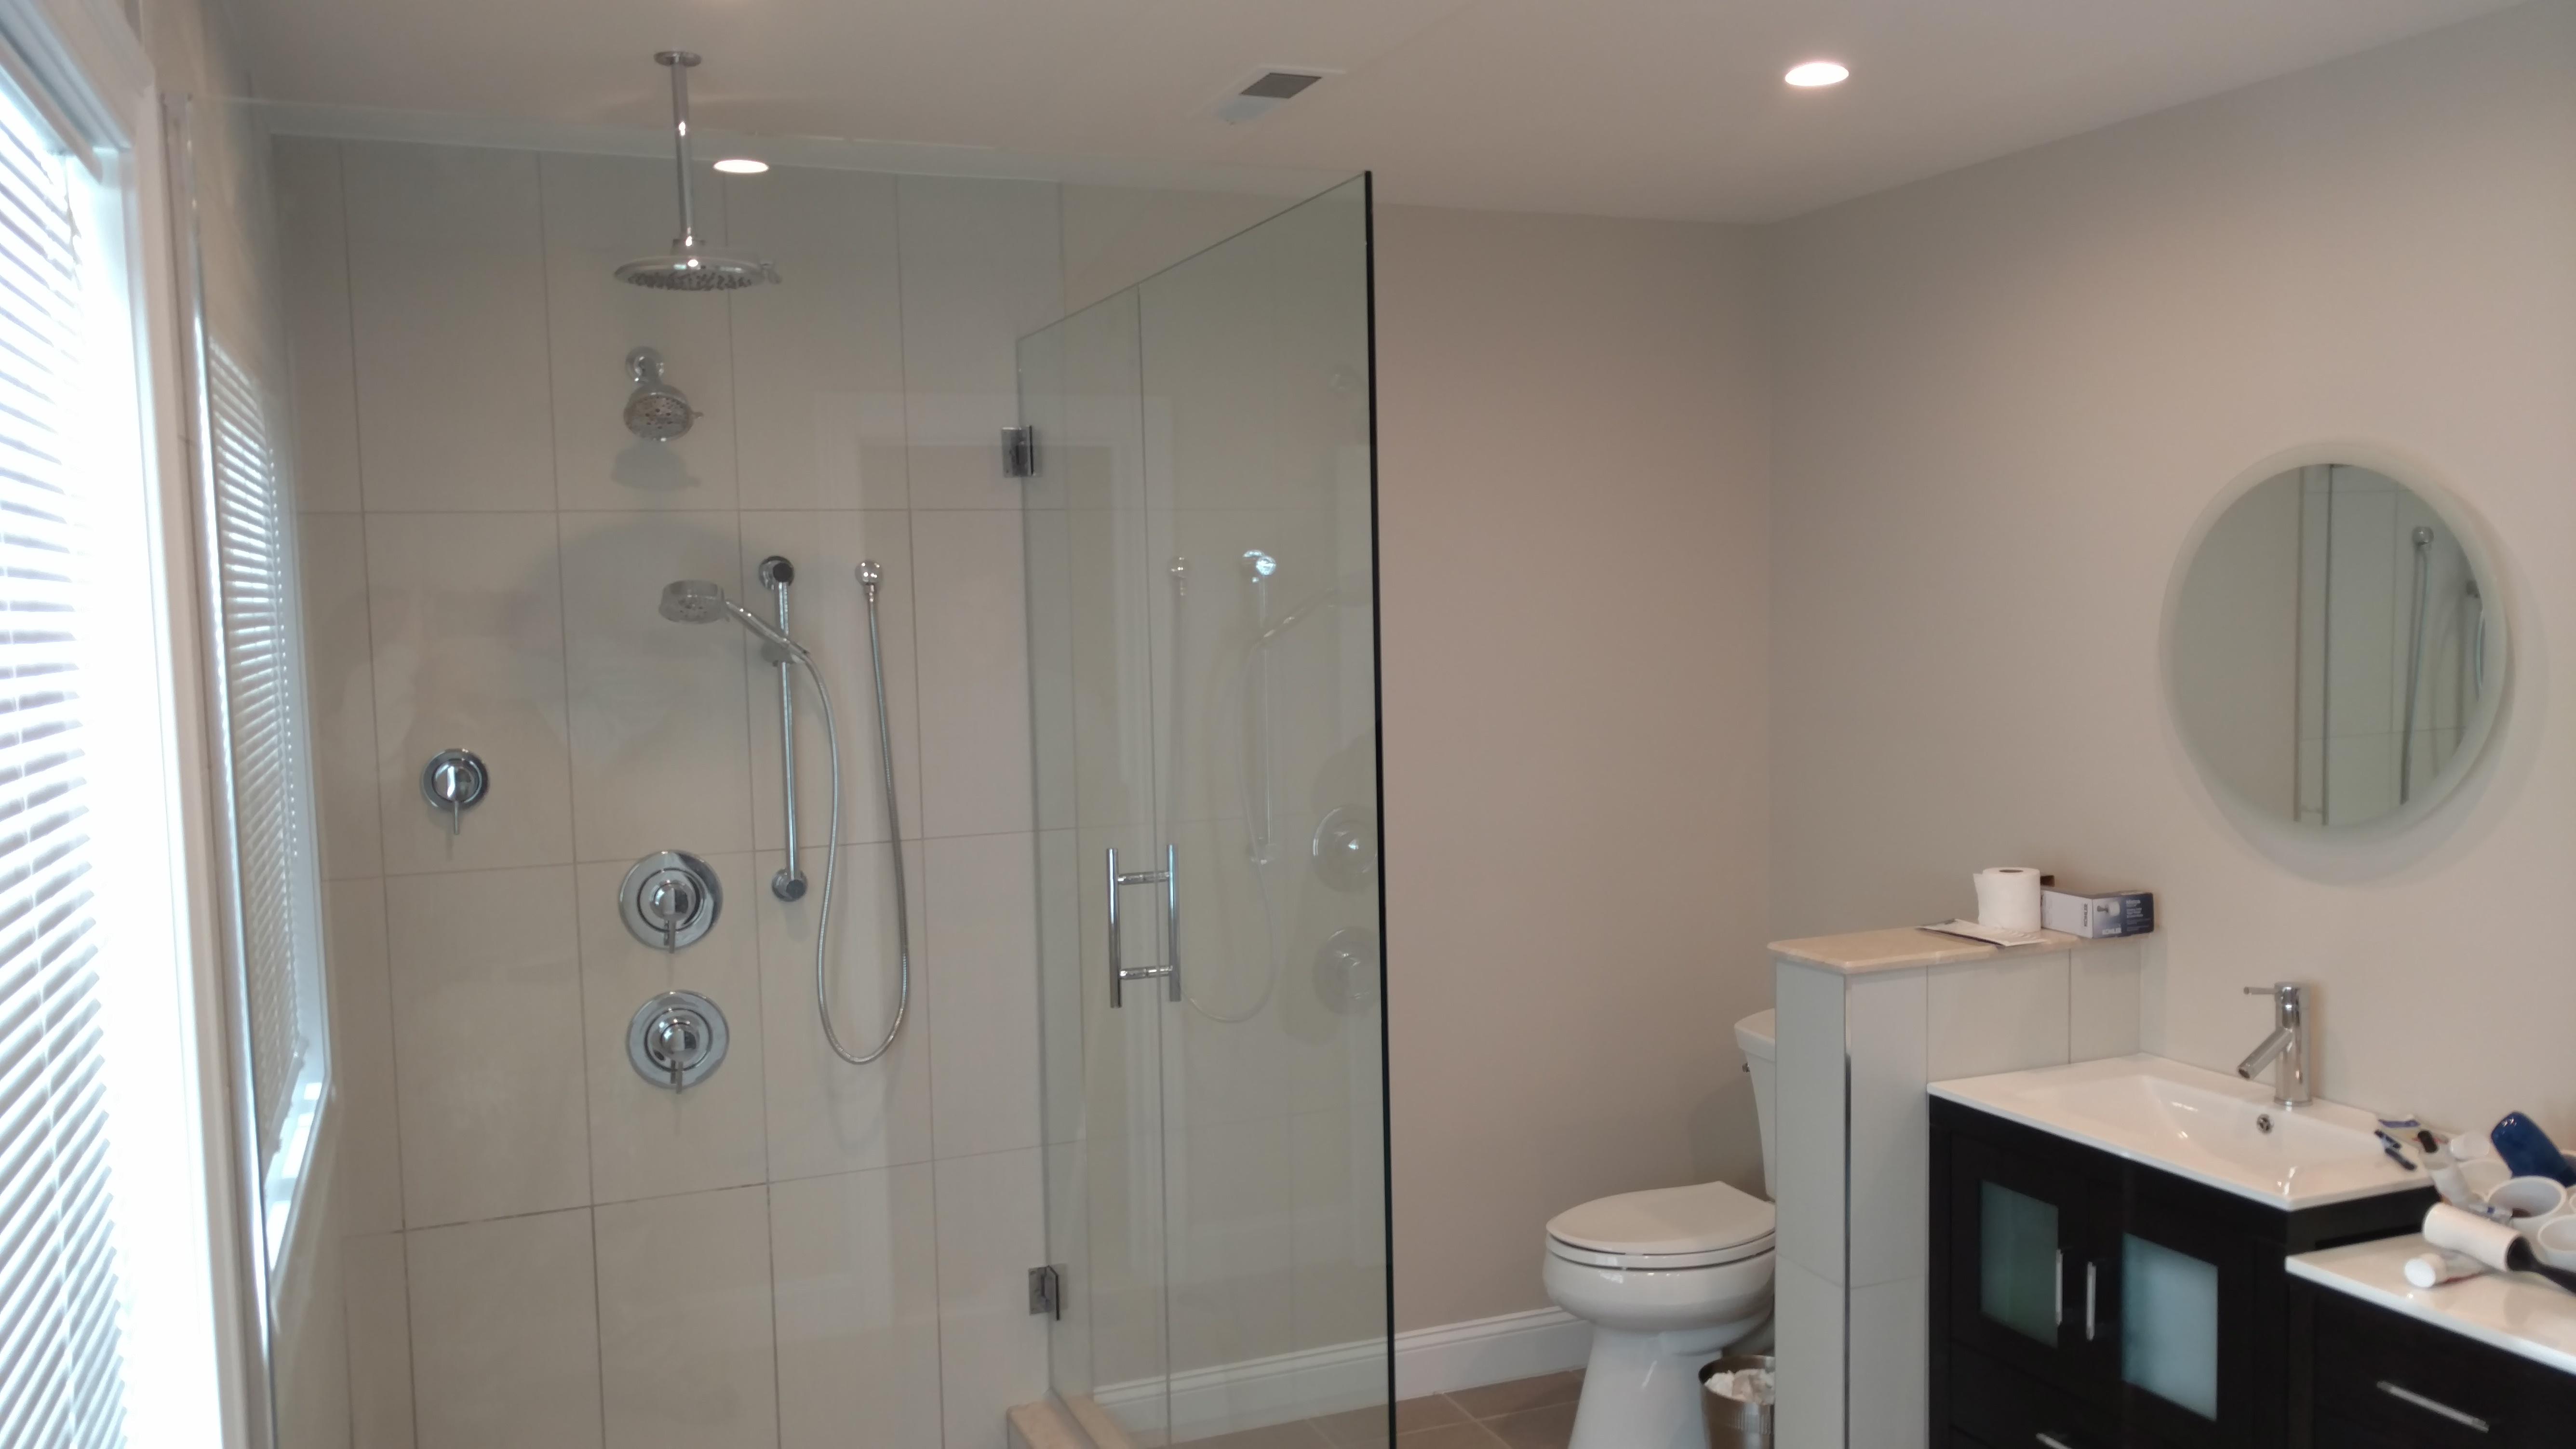 bathroom remodeling New Haven CT   Alan Dinsmoor Contracting